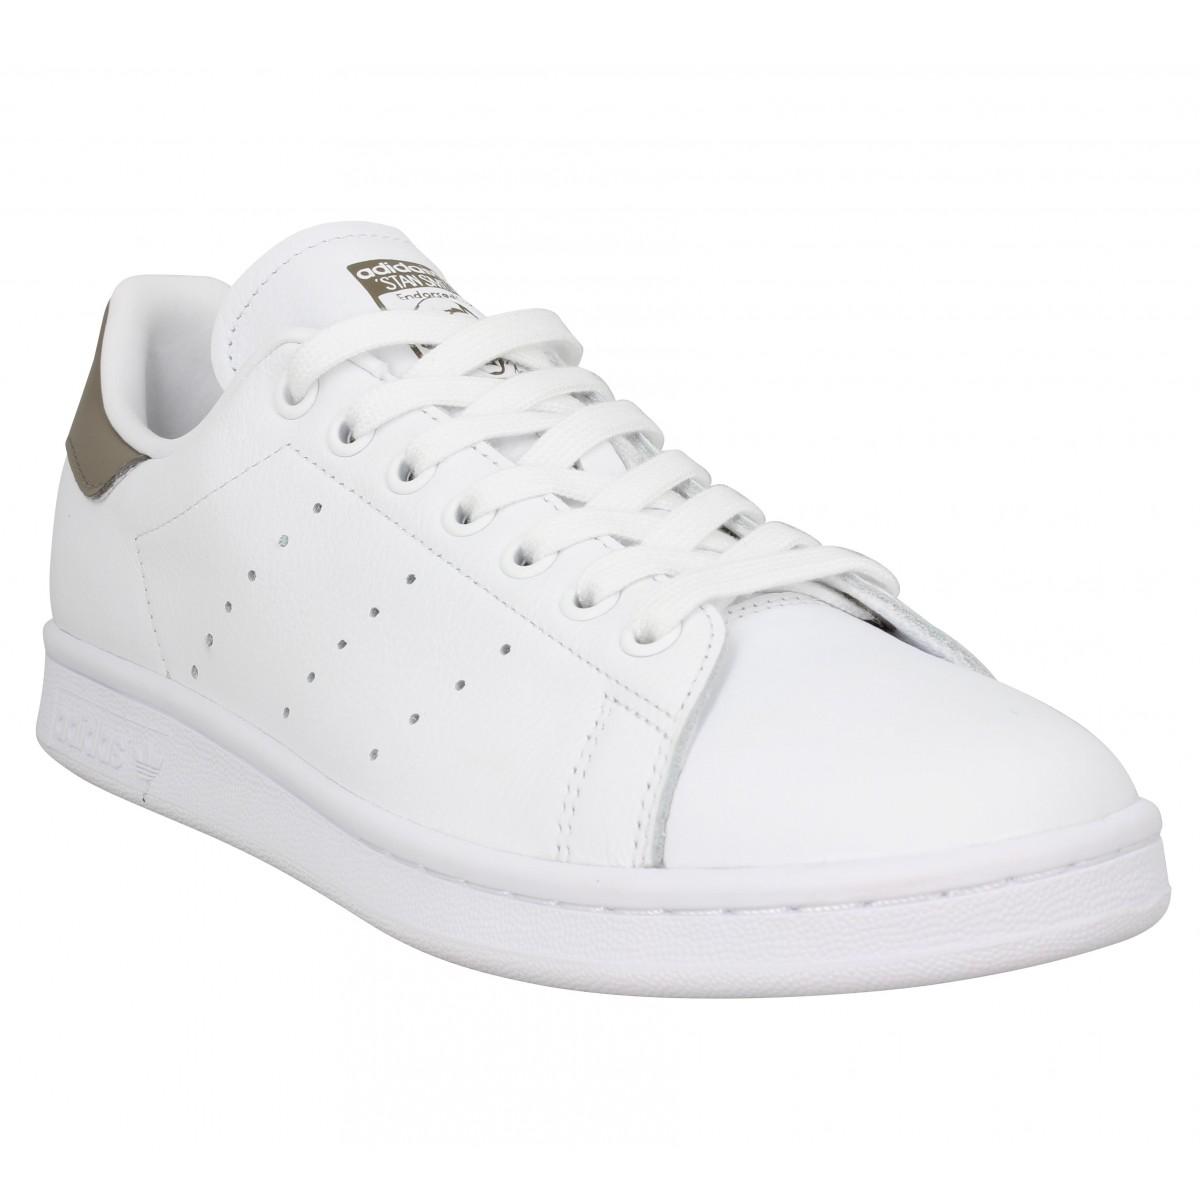 Adidas Marque Stan Smith Cuir...